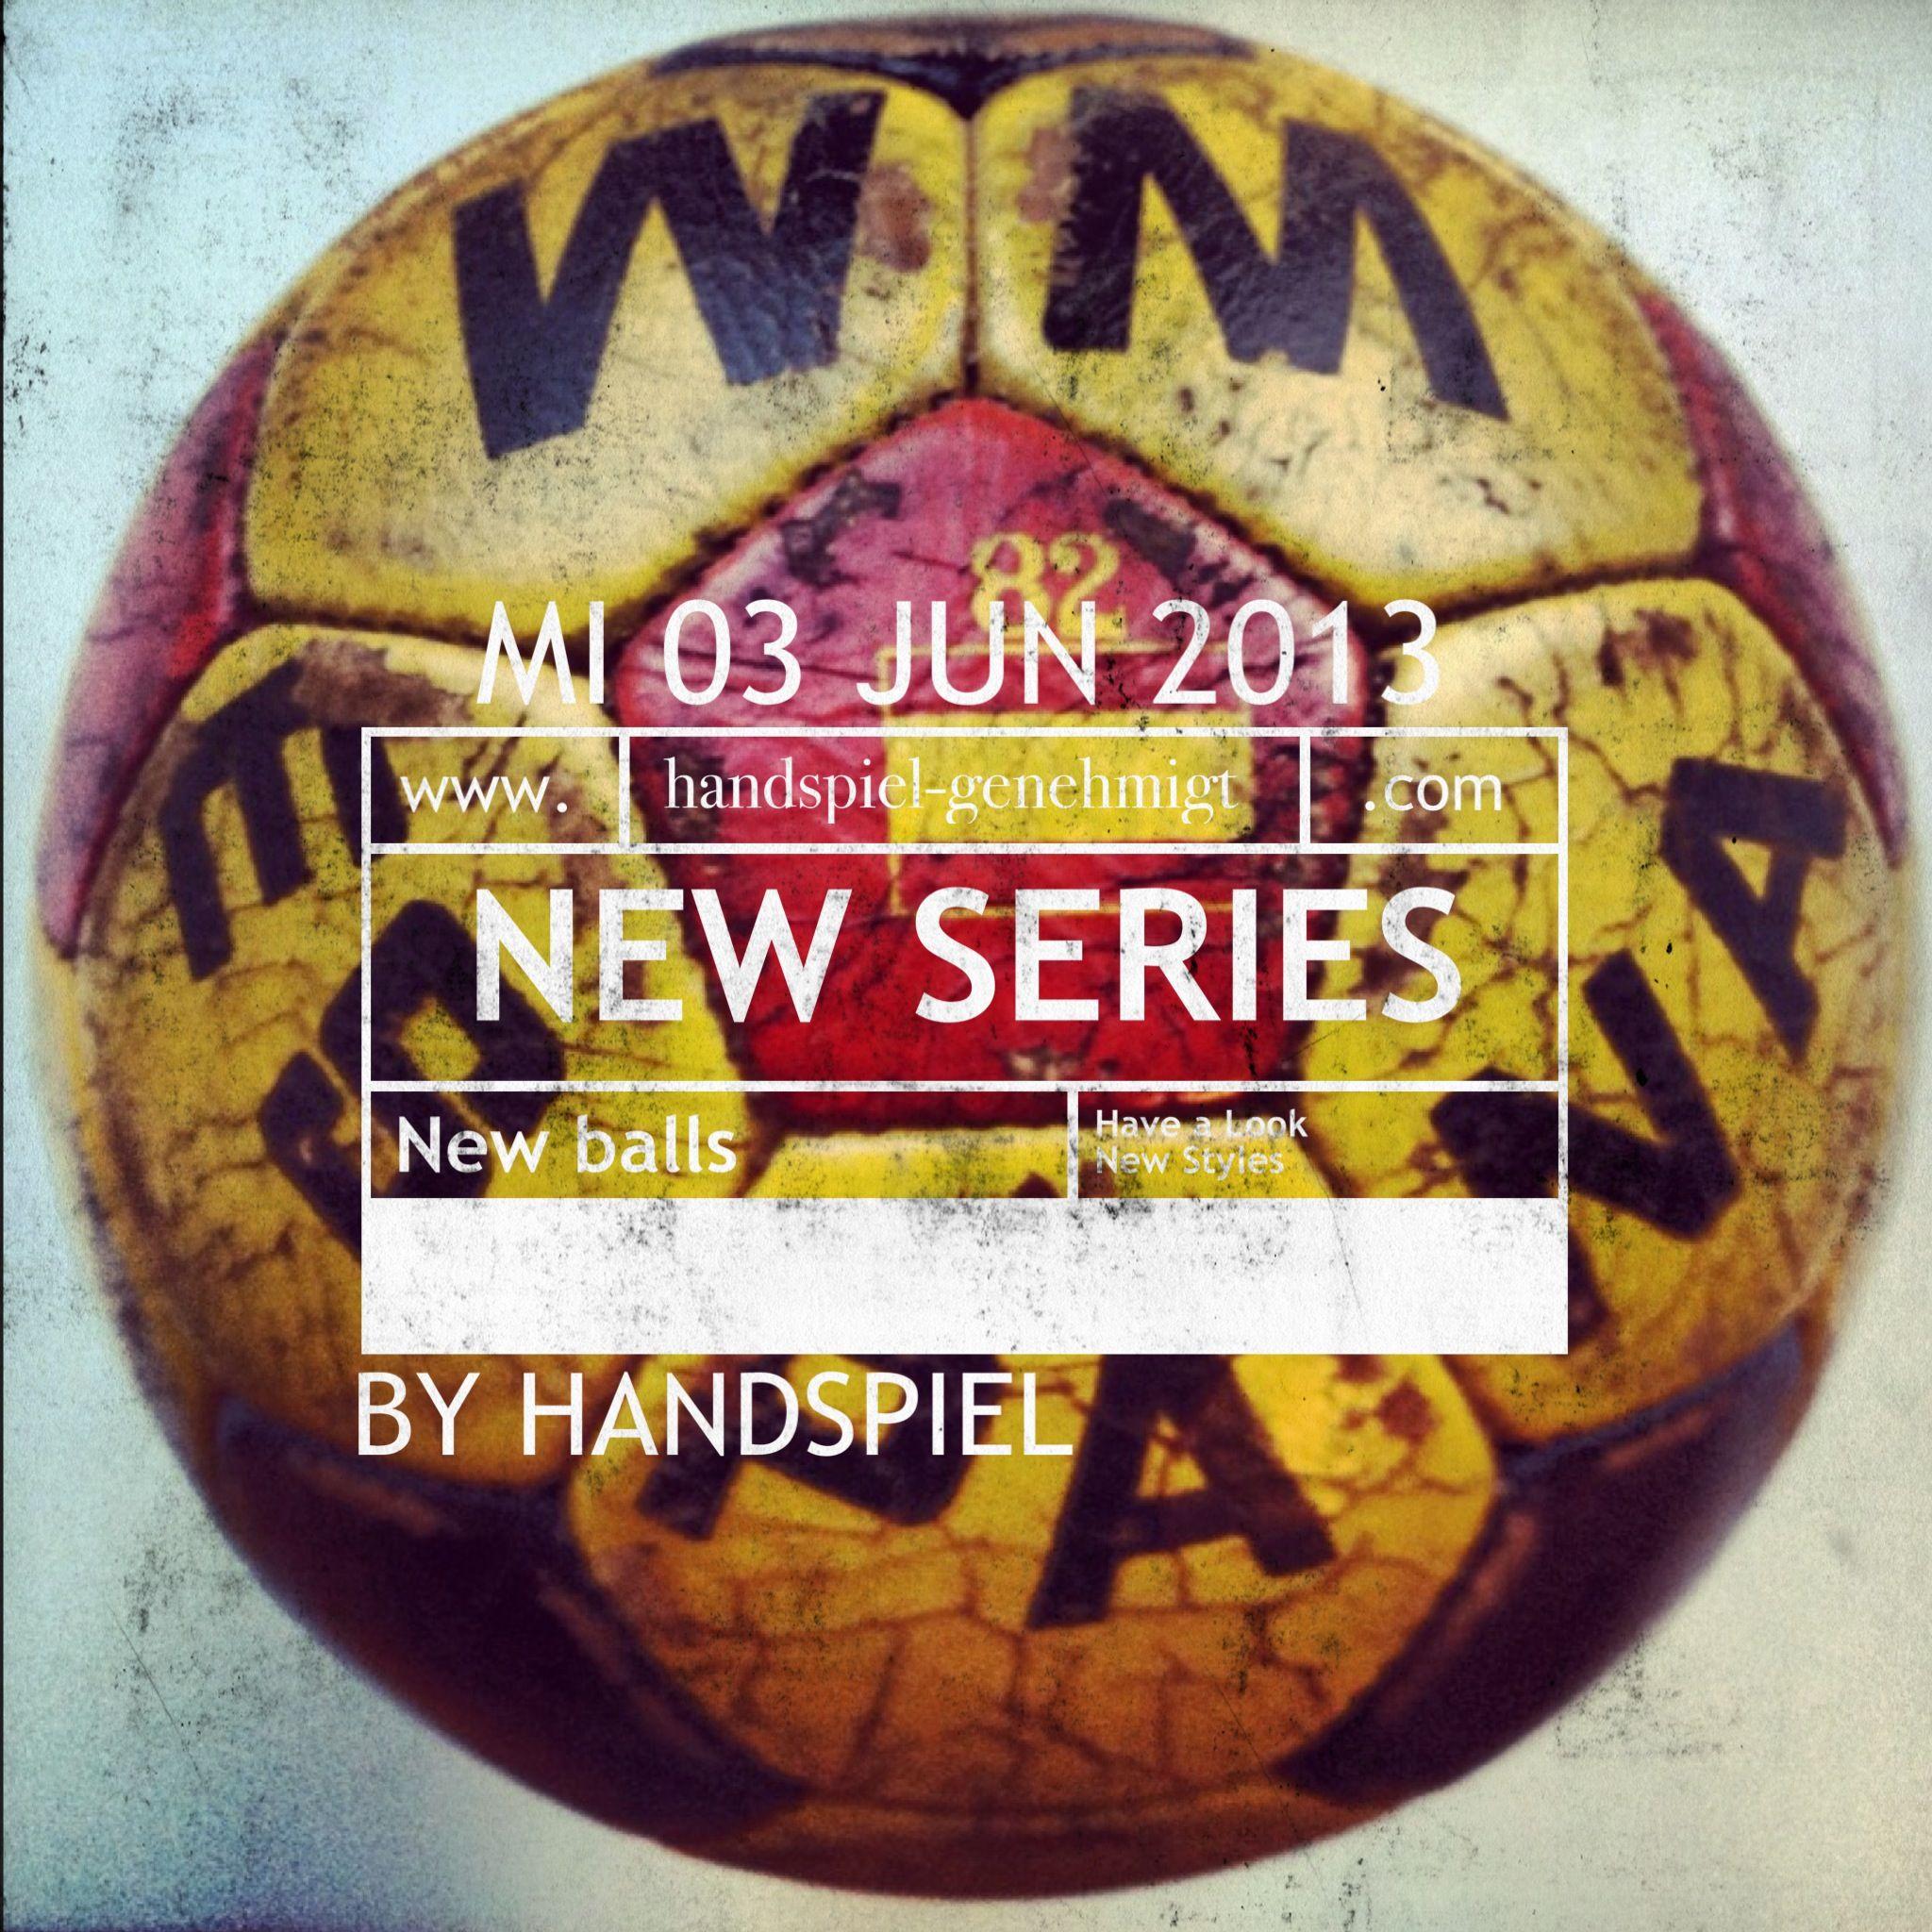 New Handspiel! Series coming up!!!  www.handspiel.co.uk www.handspiel-genehmigt.com